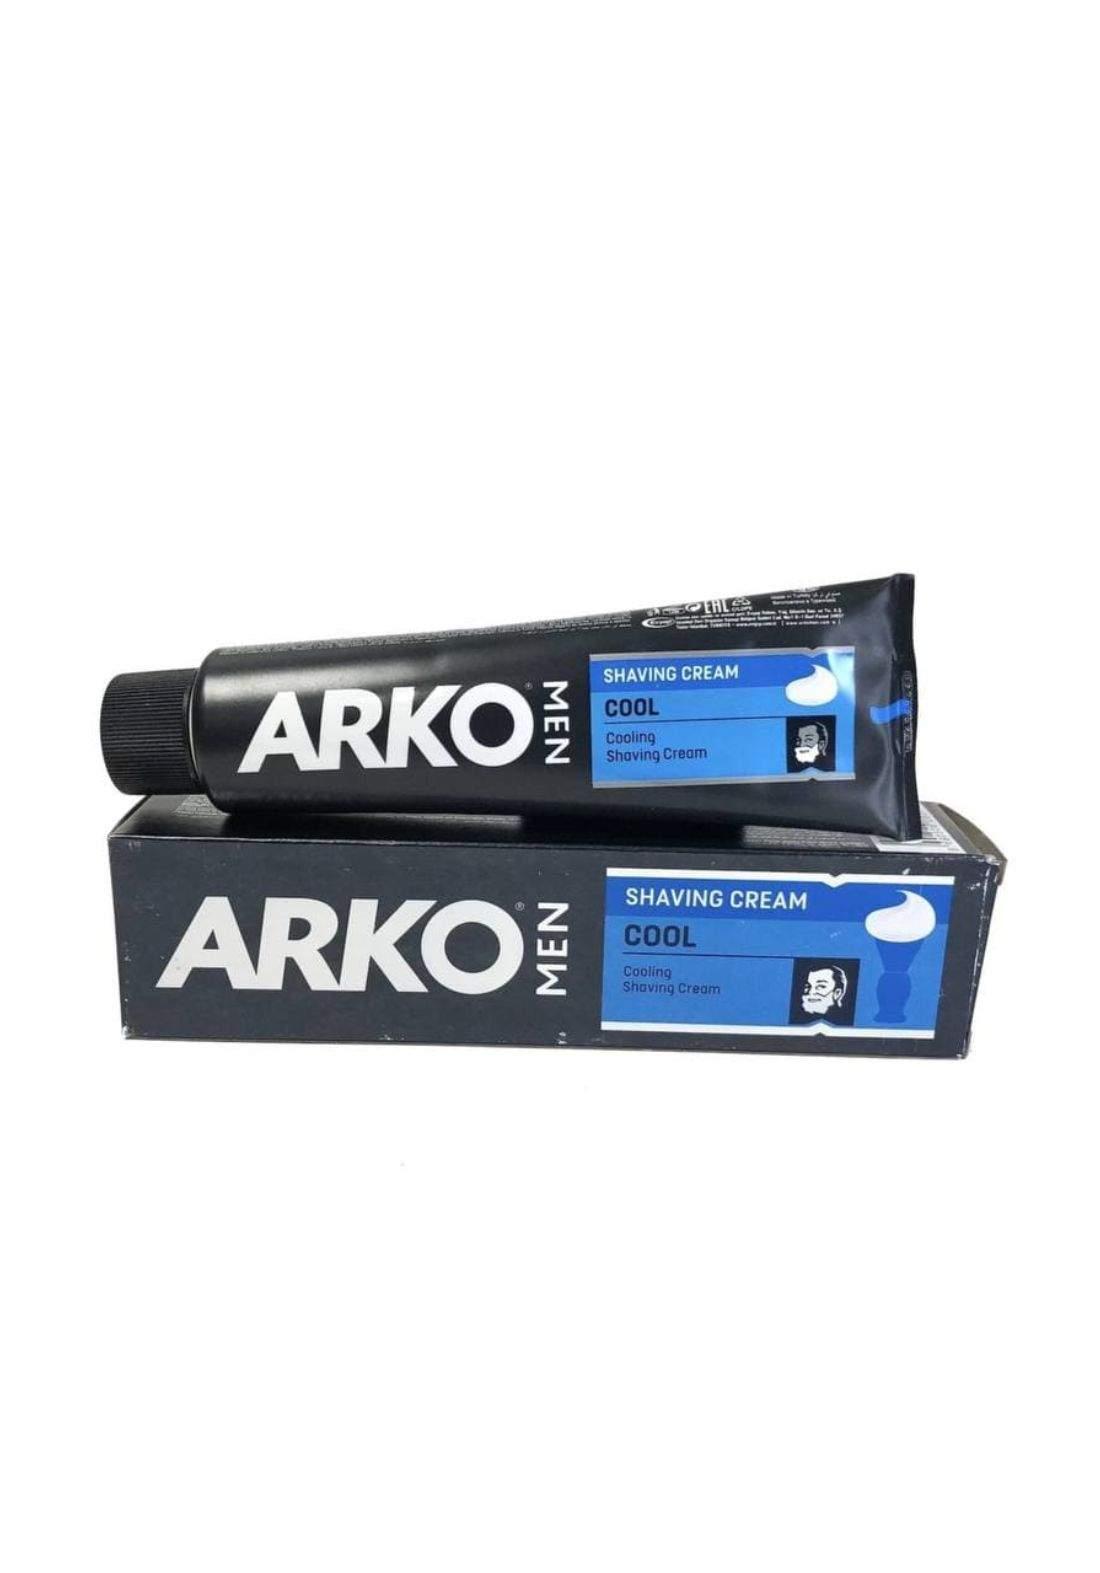 Arko shaving cream for sensitive skin 100g اركو كريم حلاقة